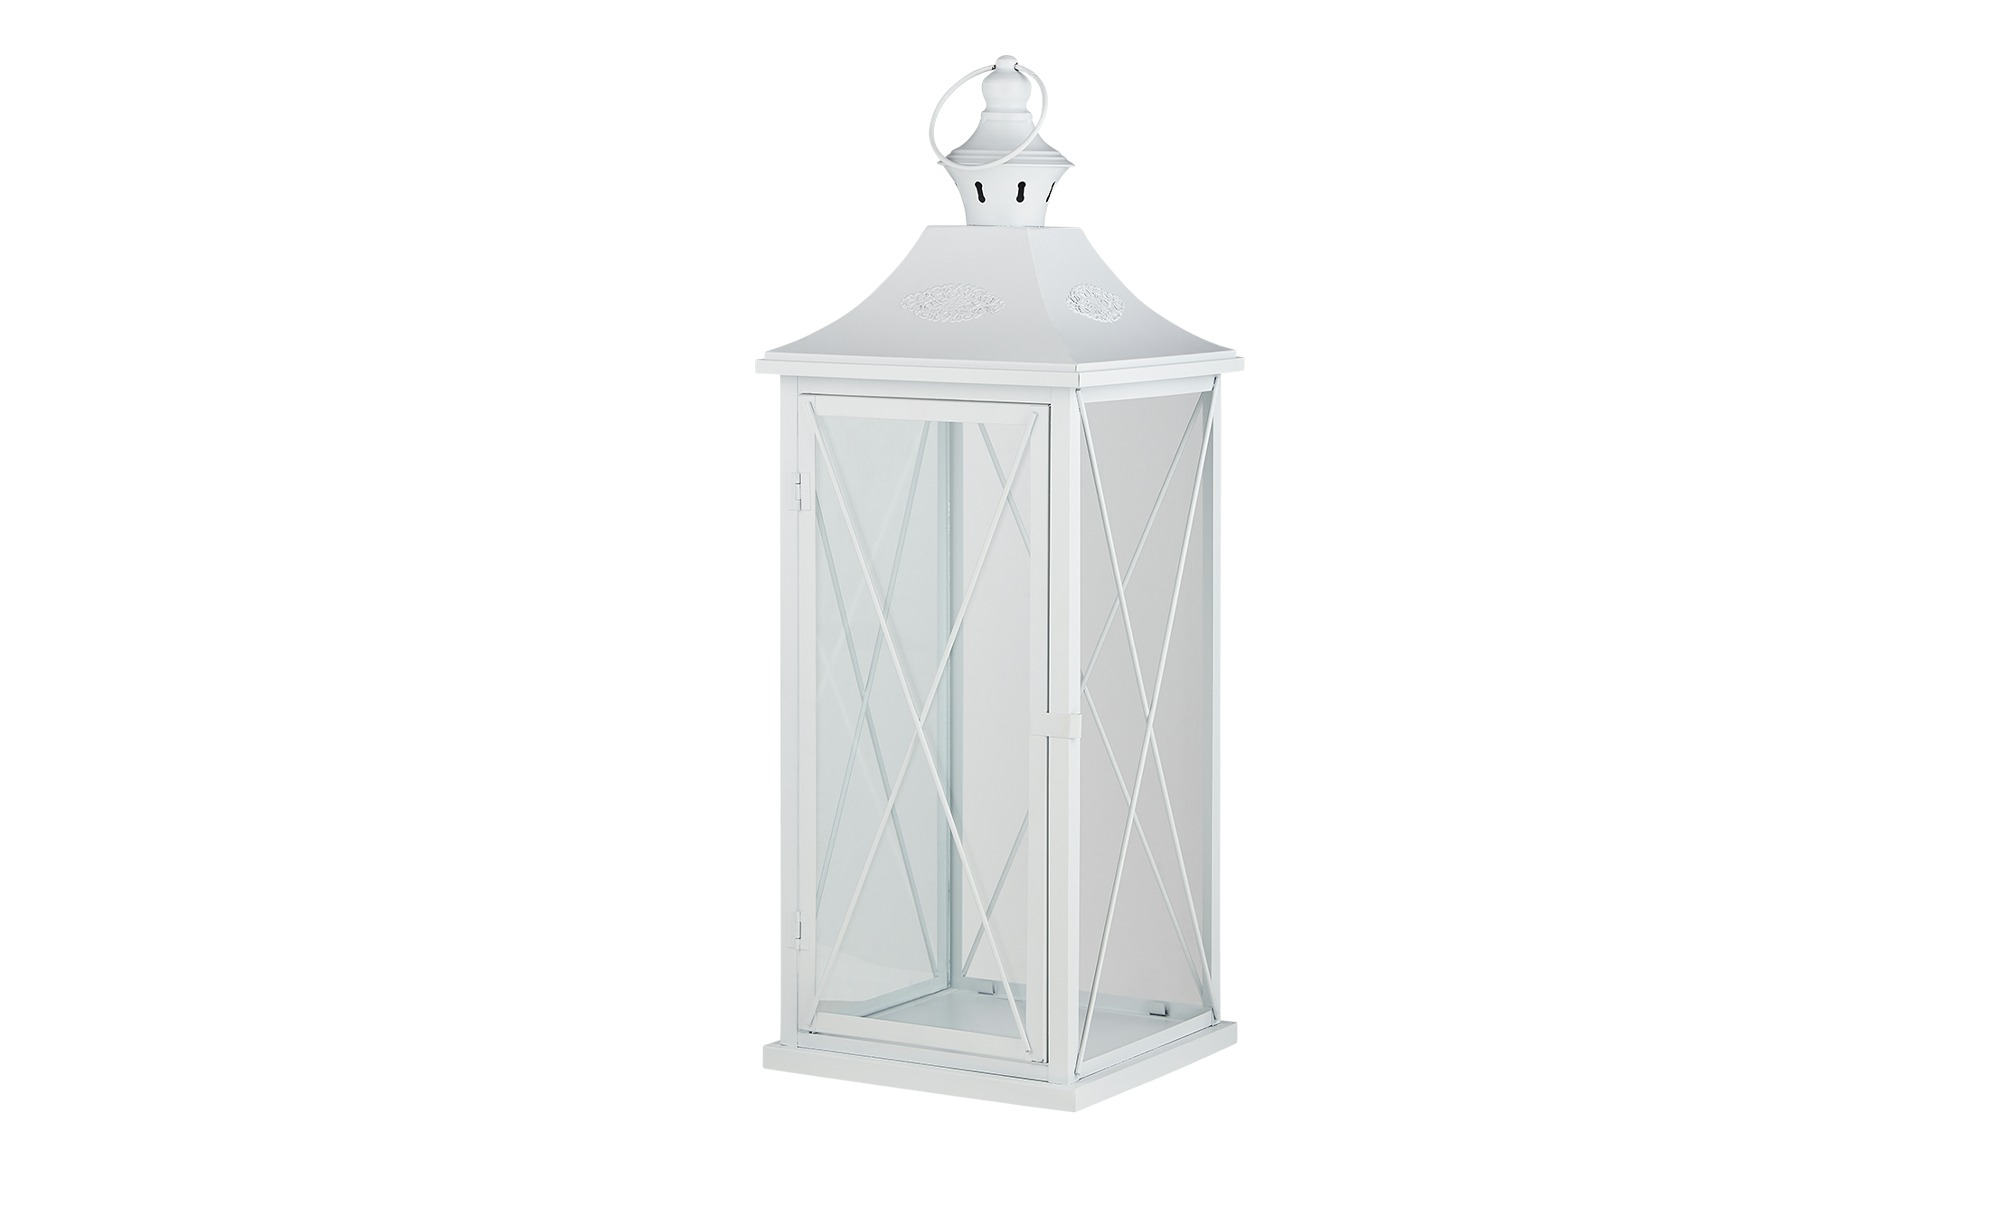 Laterne - weiß - Metall, Glas - 25 cm - 70 cm - 25 cm - Dekoration > Laternen & Windlichter - Möbel Kraft   Dekoration > Kerzen und Kerzenständer > Laternen   Möbel Kraft